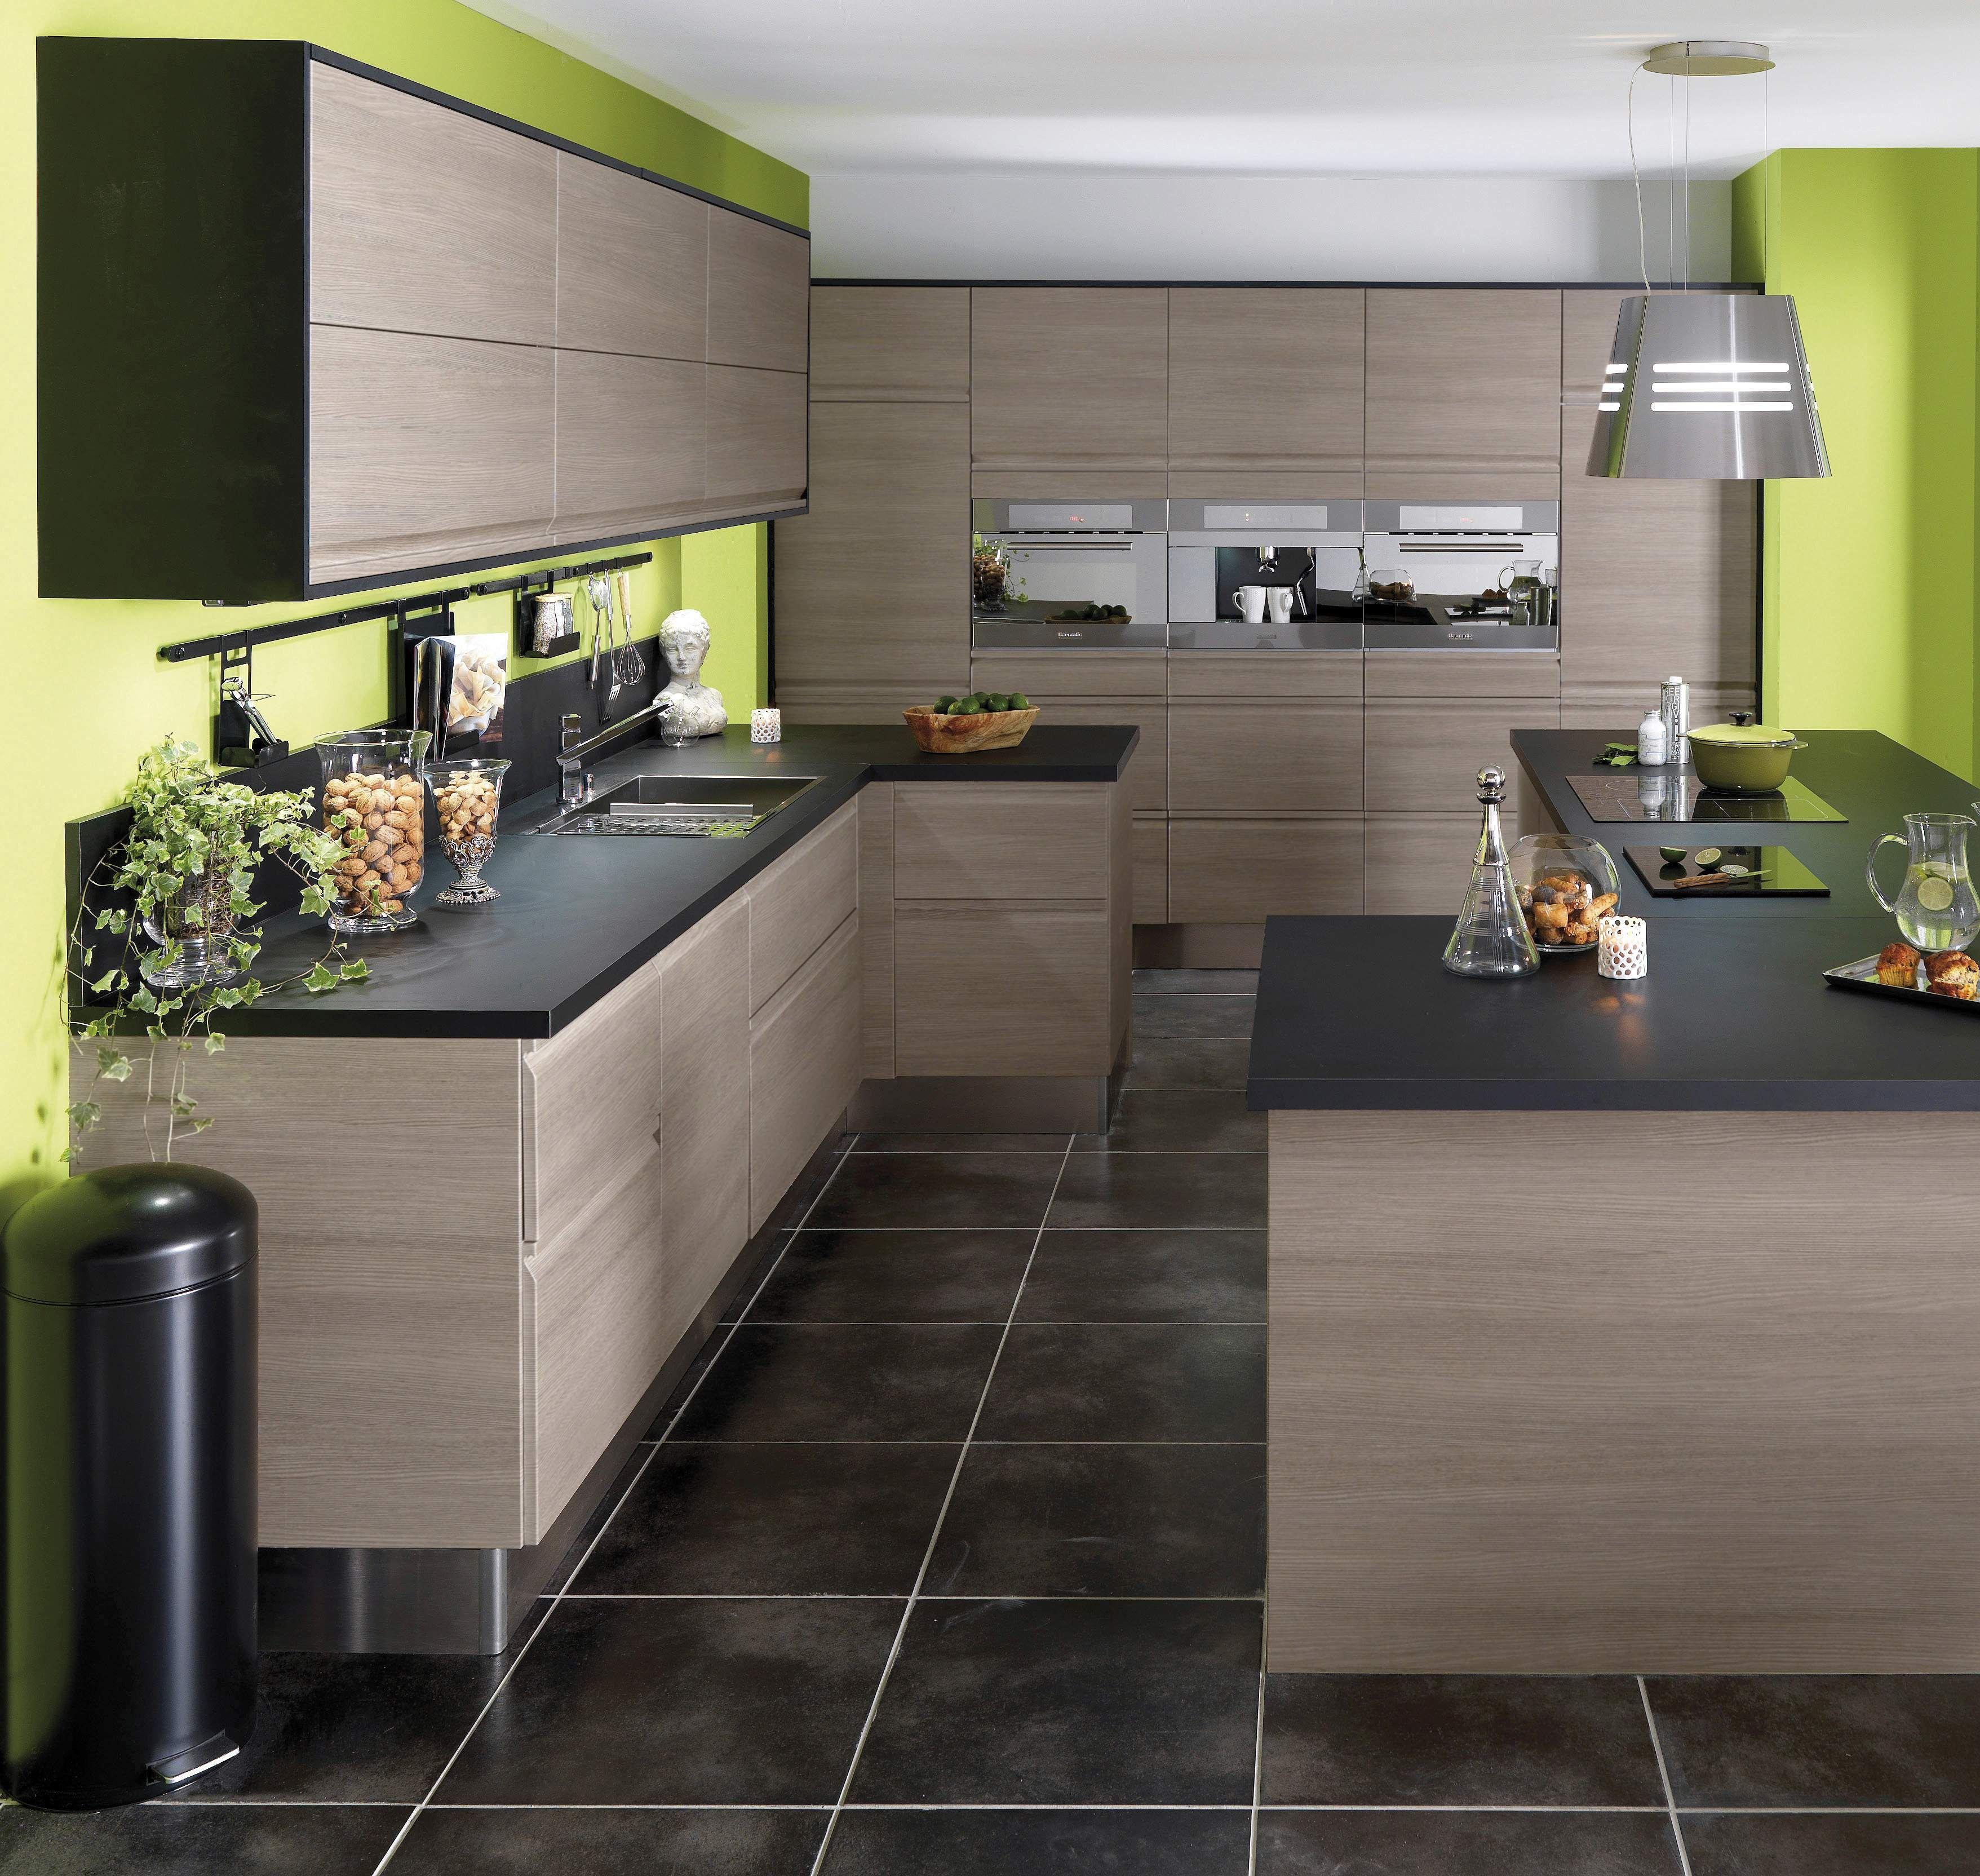 cuisine urban bois flott la cuisine urban combine la modernit des lignes et les mat riaux. Black Bedroom Furniture Sets. Home Design Ideas